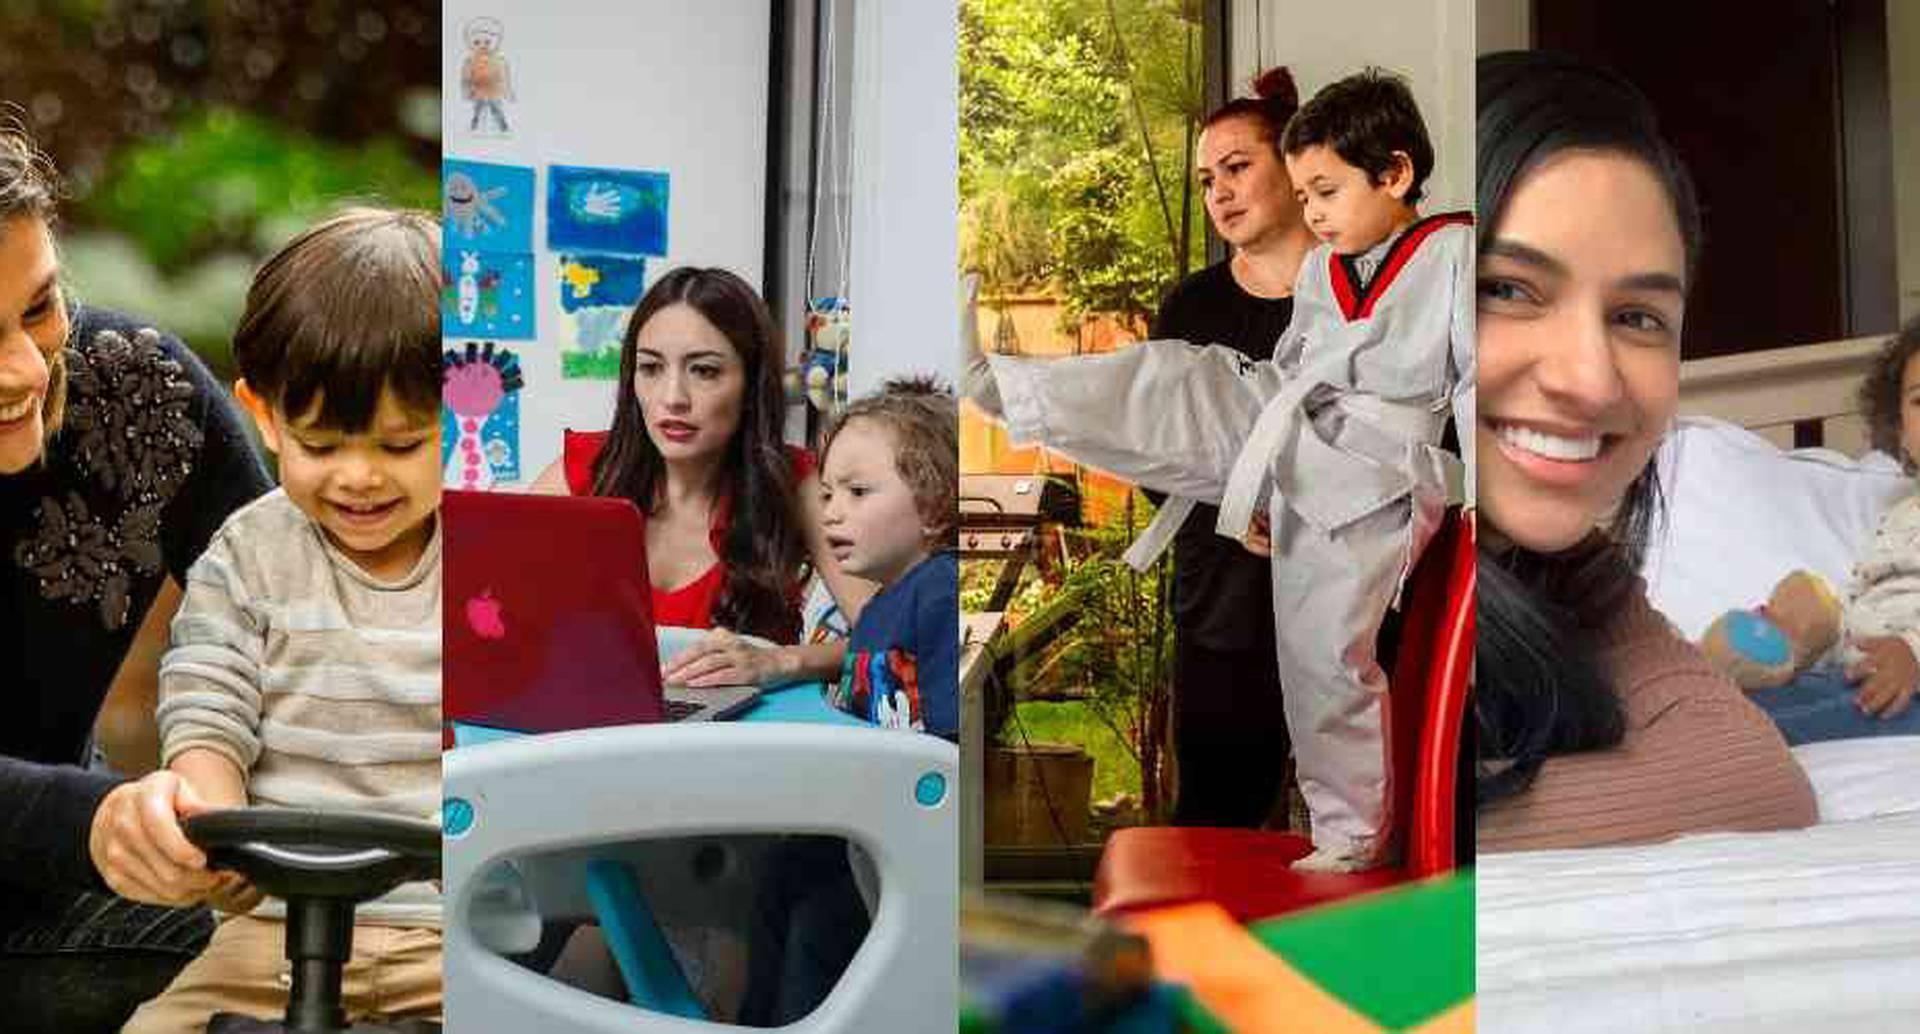 Para los padres ha sido una situación complicada pues, según explican los expertos, los primeros años son relevantes para el proceso de formación de los niños.